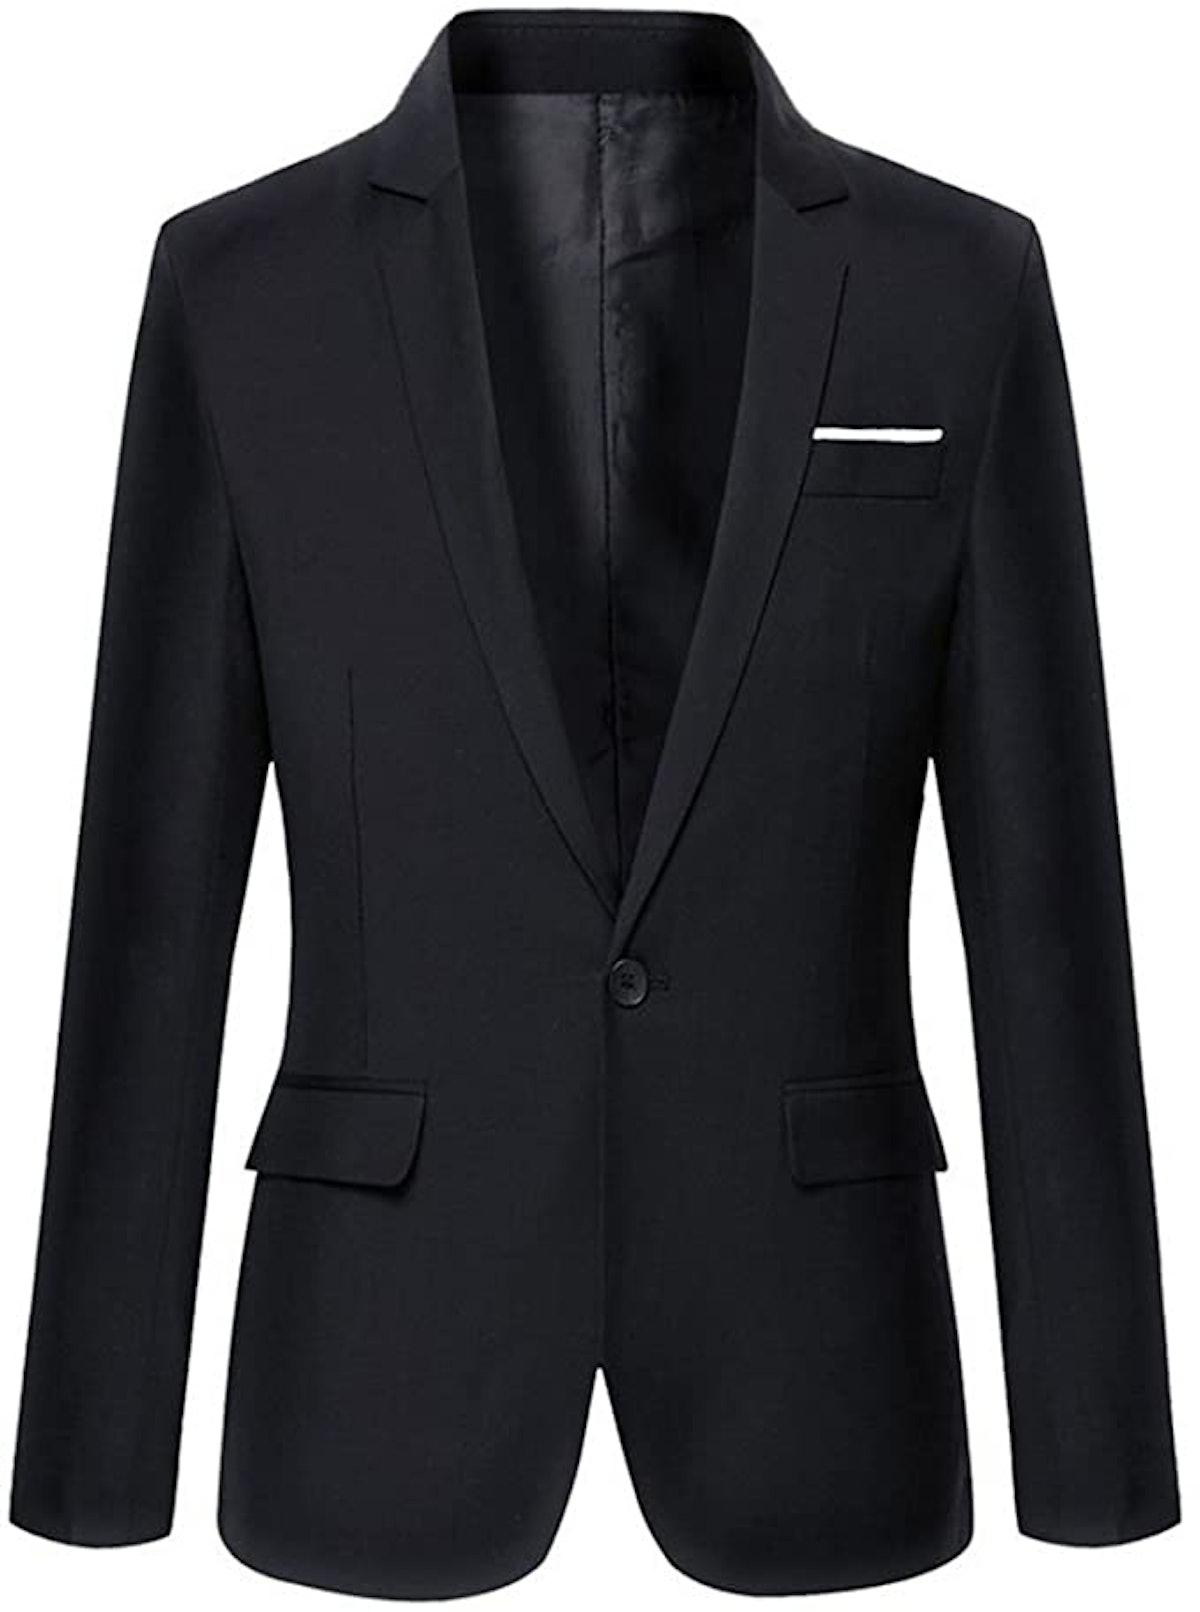 Beninos Store Men's Slim Fit Casual One Button Blazer Jacket